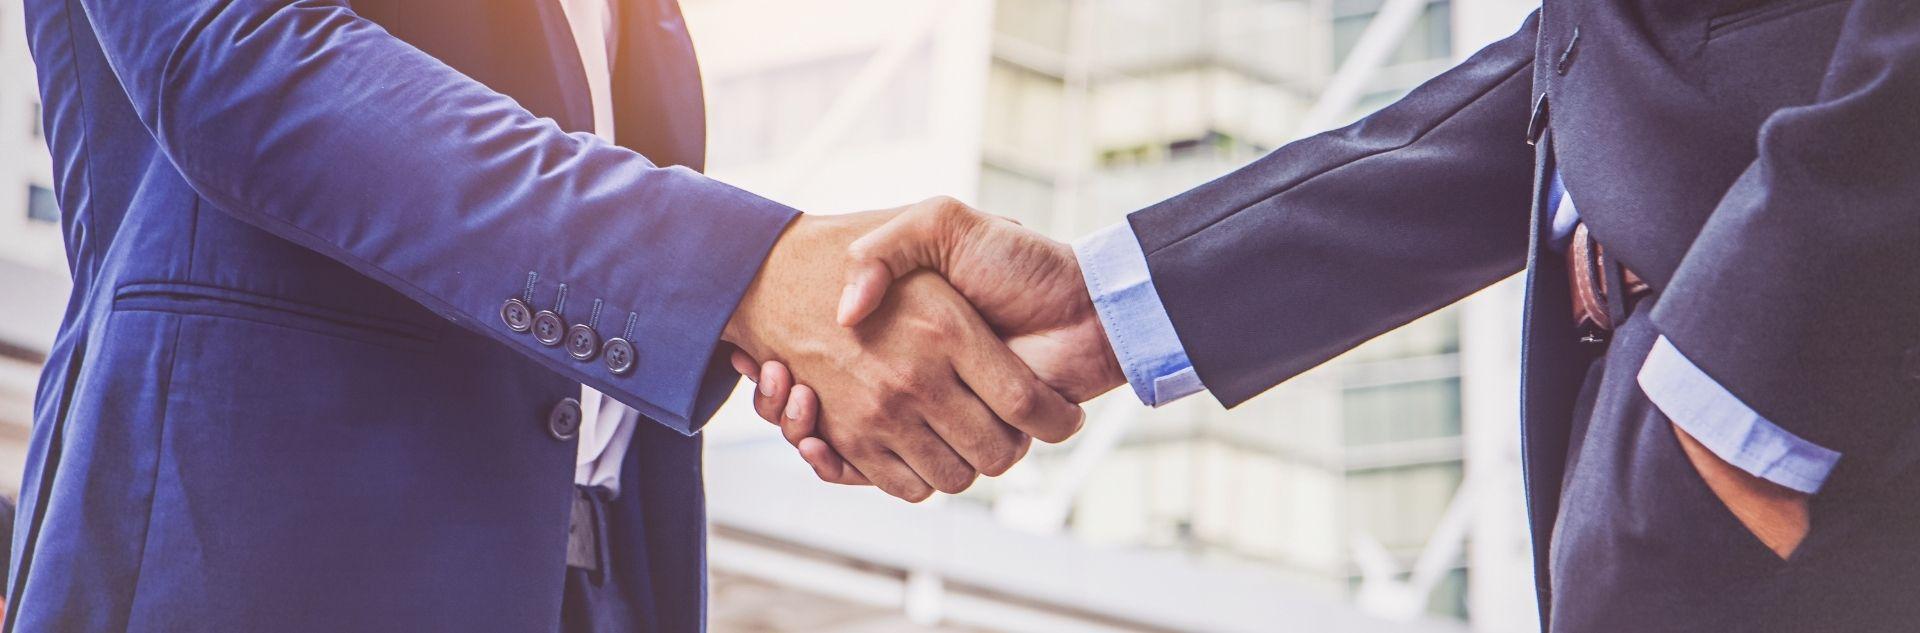 Geschäftsreise Reisebüro - Geschäftsmänner schütteln sich die Hände